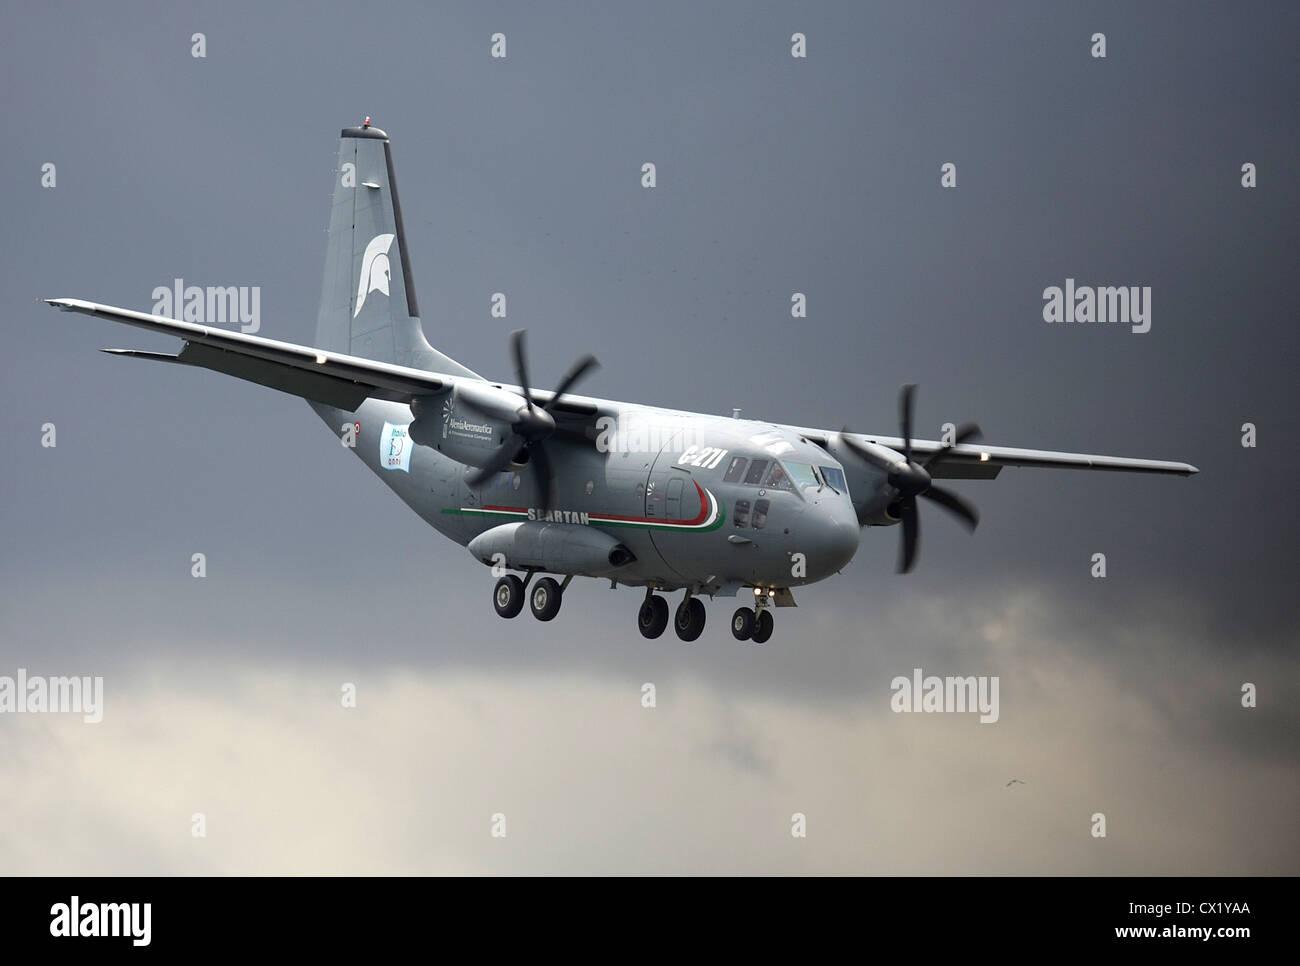 L'agence ITAR-TASS: PARIS, FRANCE. Le 21 juin 2011. C-27J Spartan aircraft effectue un vol de démonstration à la Banque D'Images